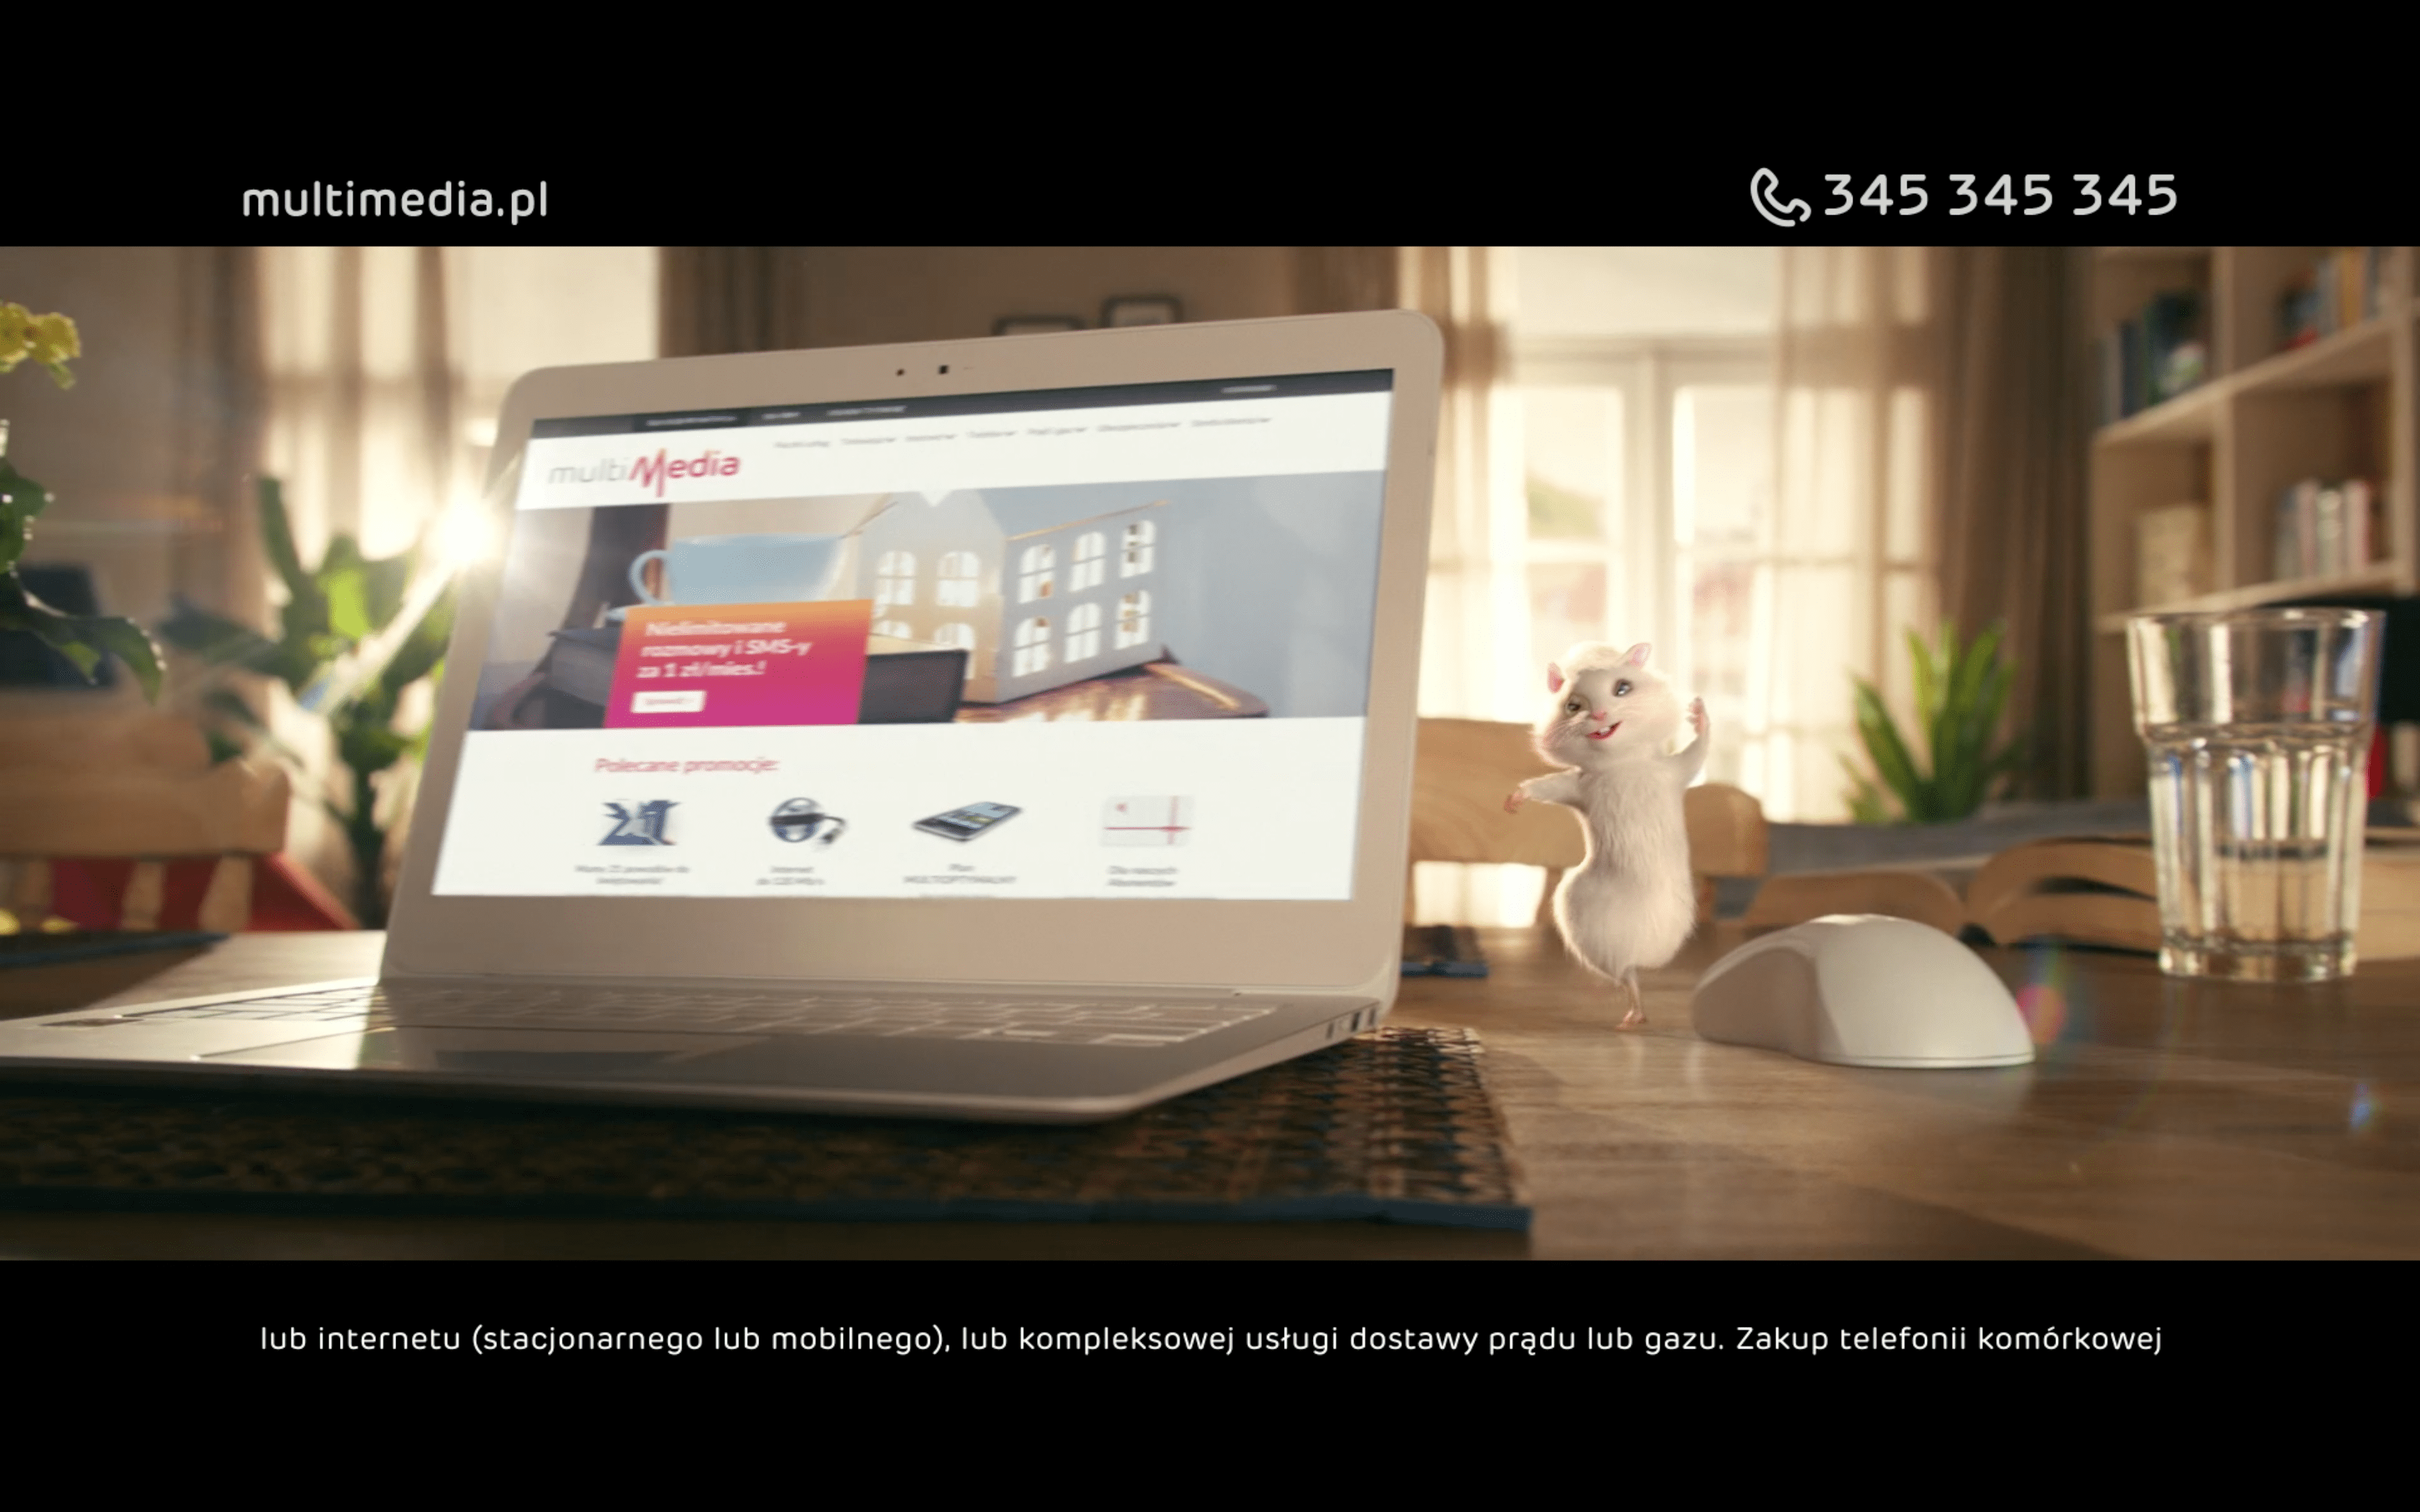 Screenshot 2020-10-05 at 20.05.11